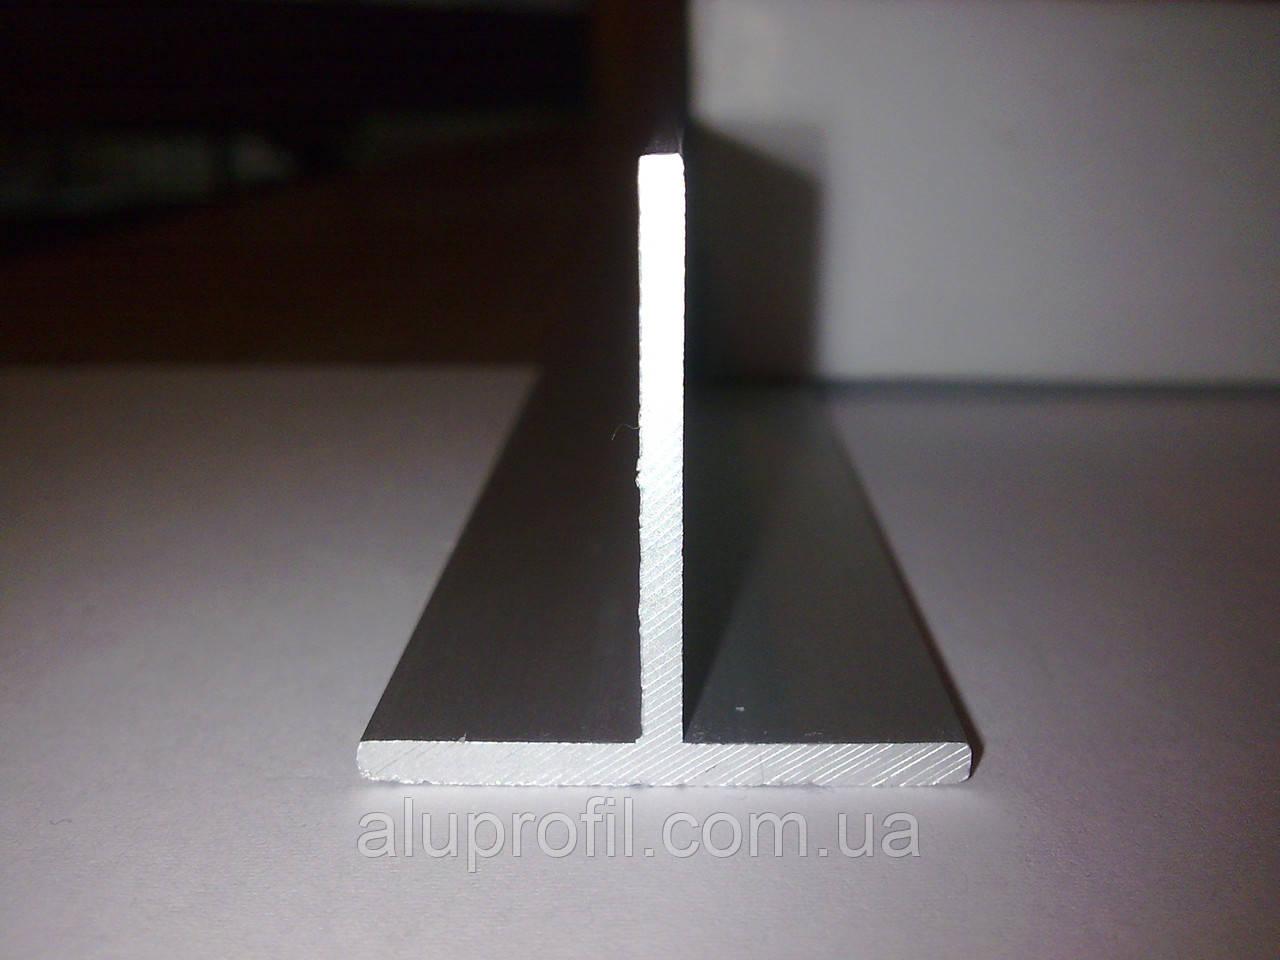 Алюминиевый профиль — тавр алюминиевый 30х30х2